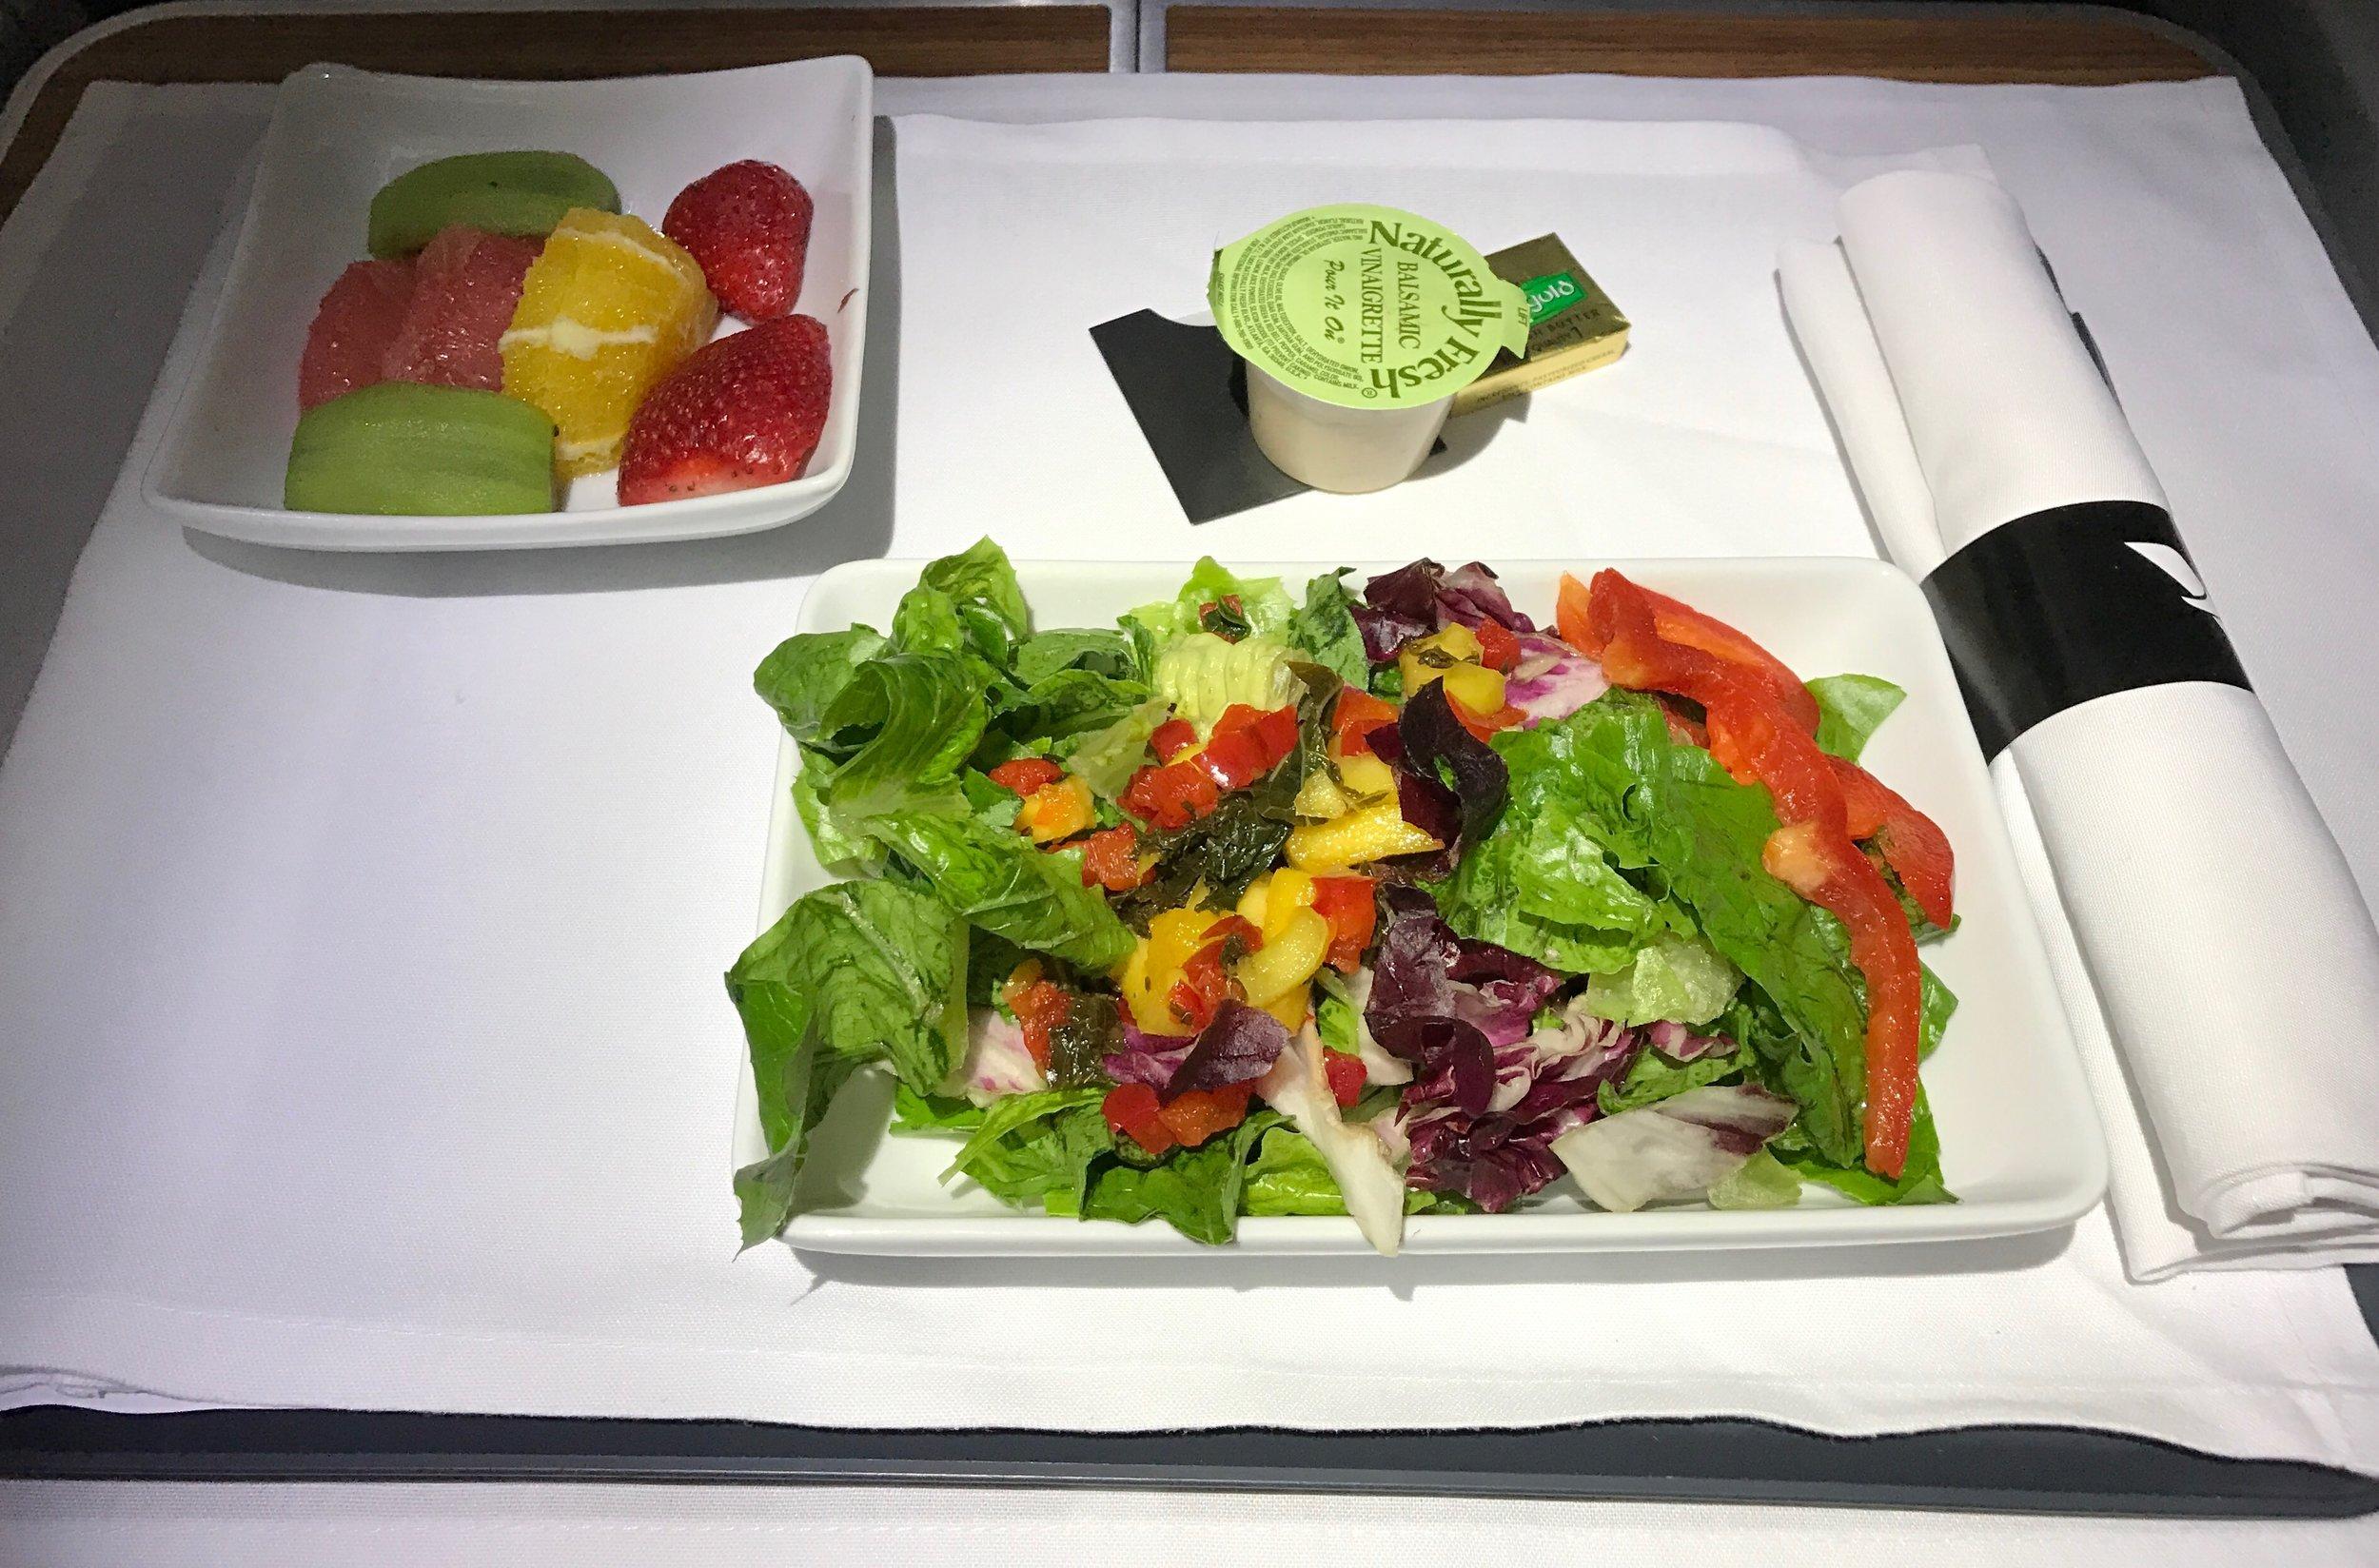 AA 787 Dreamliner Business Class salad